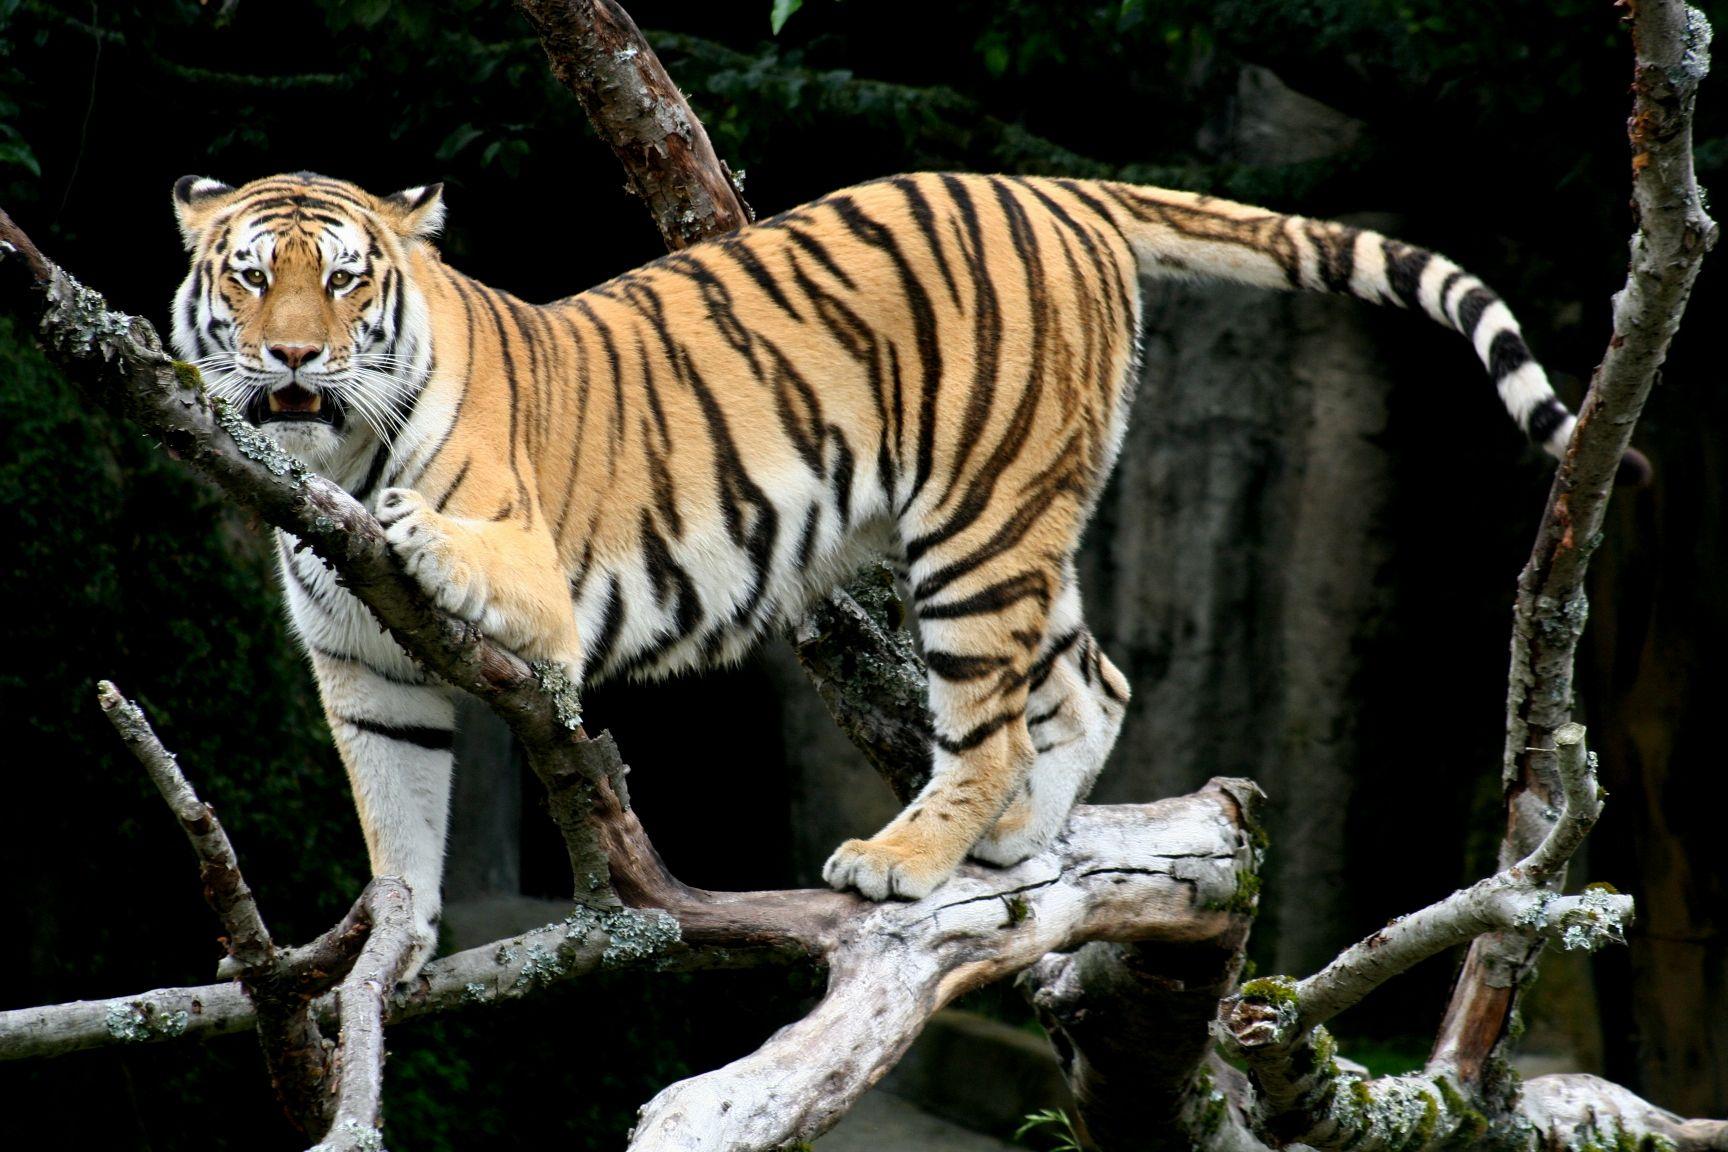 Siberian Tiger Tigre siberiano, Tigre de pelucia e